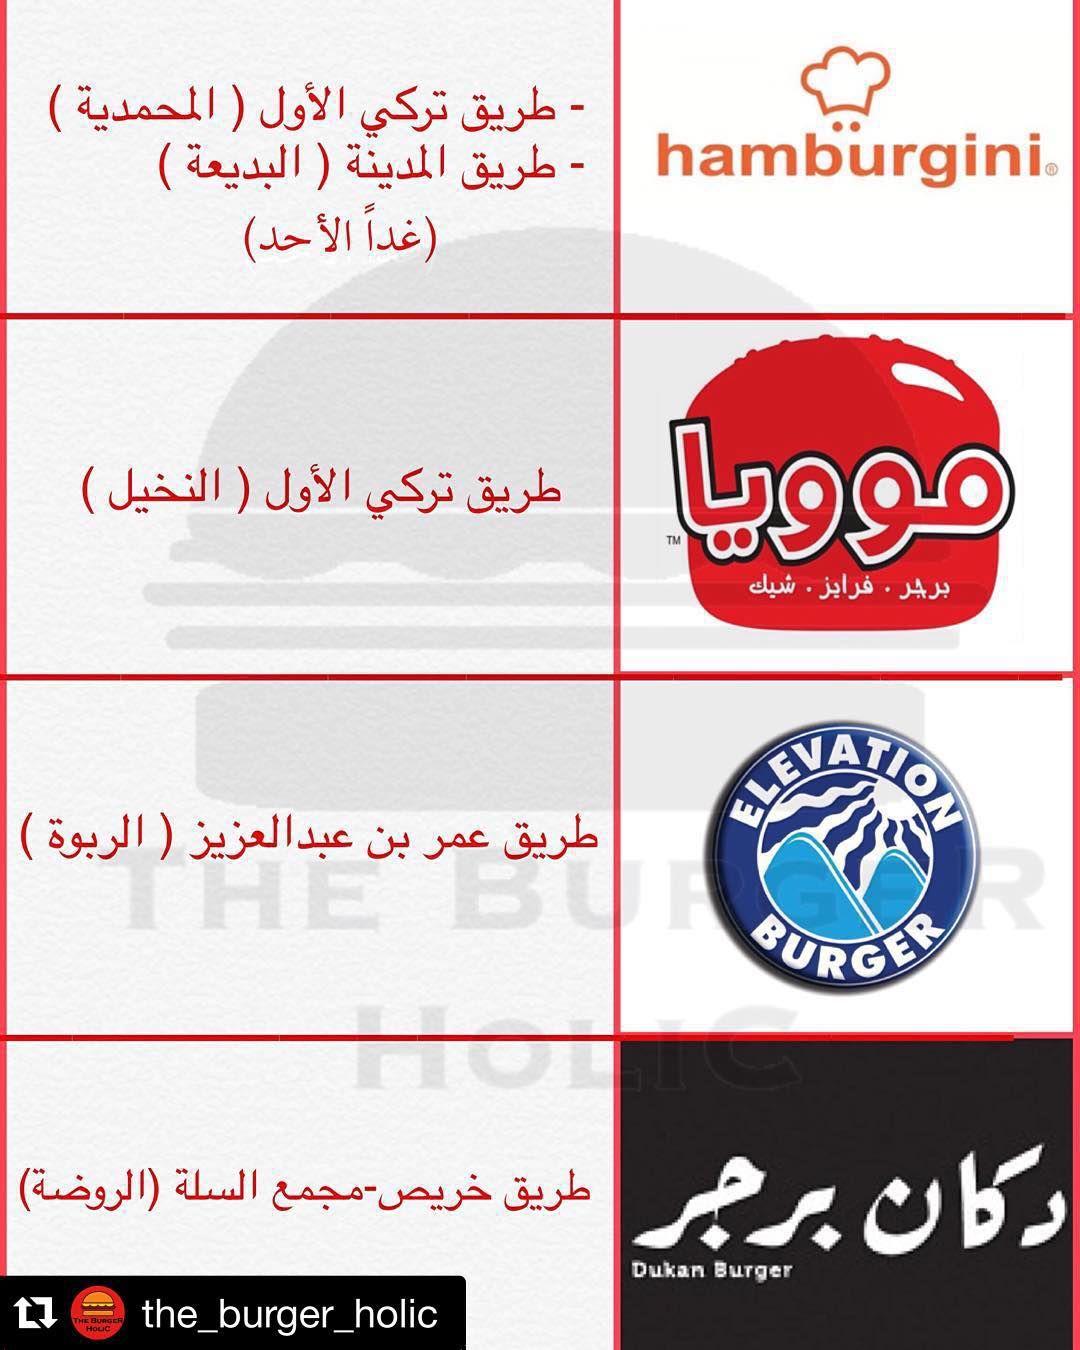 الذواقة On Instagram By The Burger Holic ما جديد فروع مطاعم البرجر في الرياض مطاعم البرقر في الرياض لازالت في توس Instagram Posts Playing Cards Cards